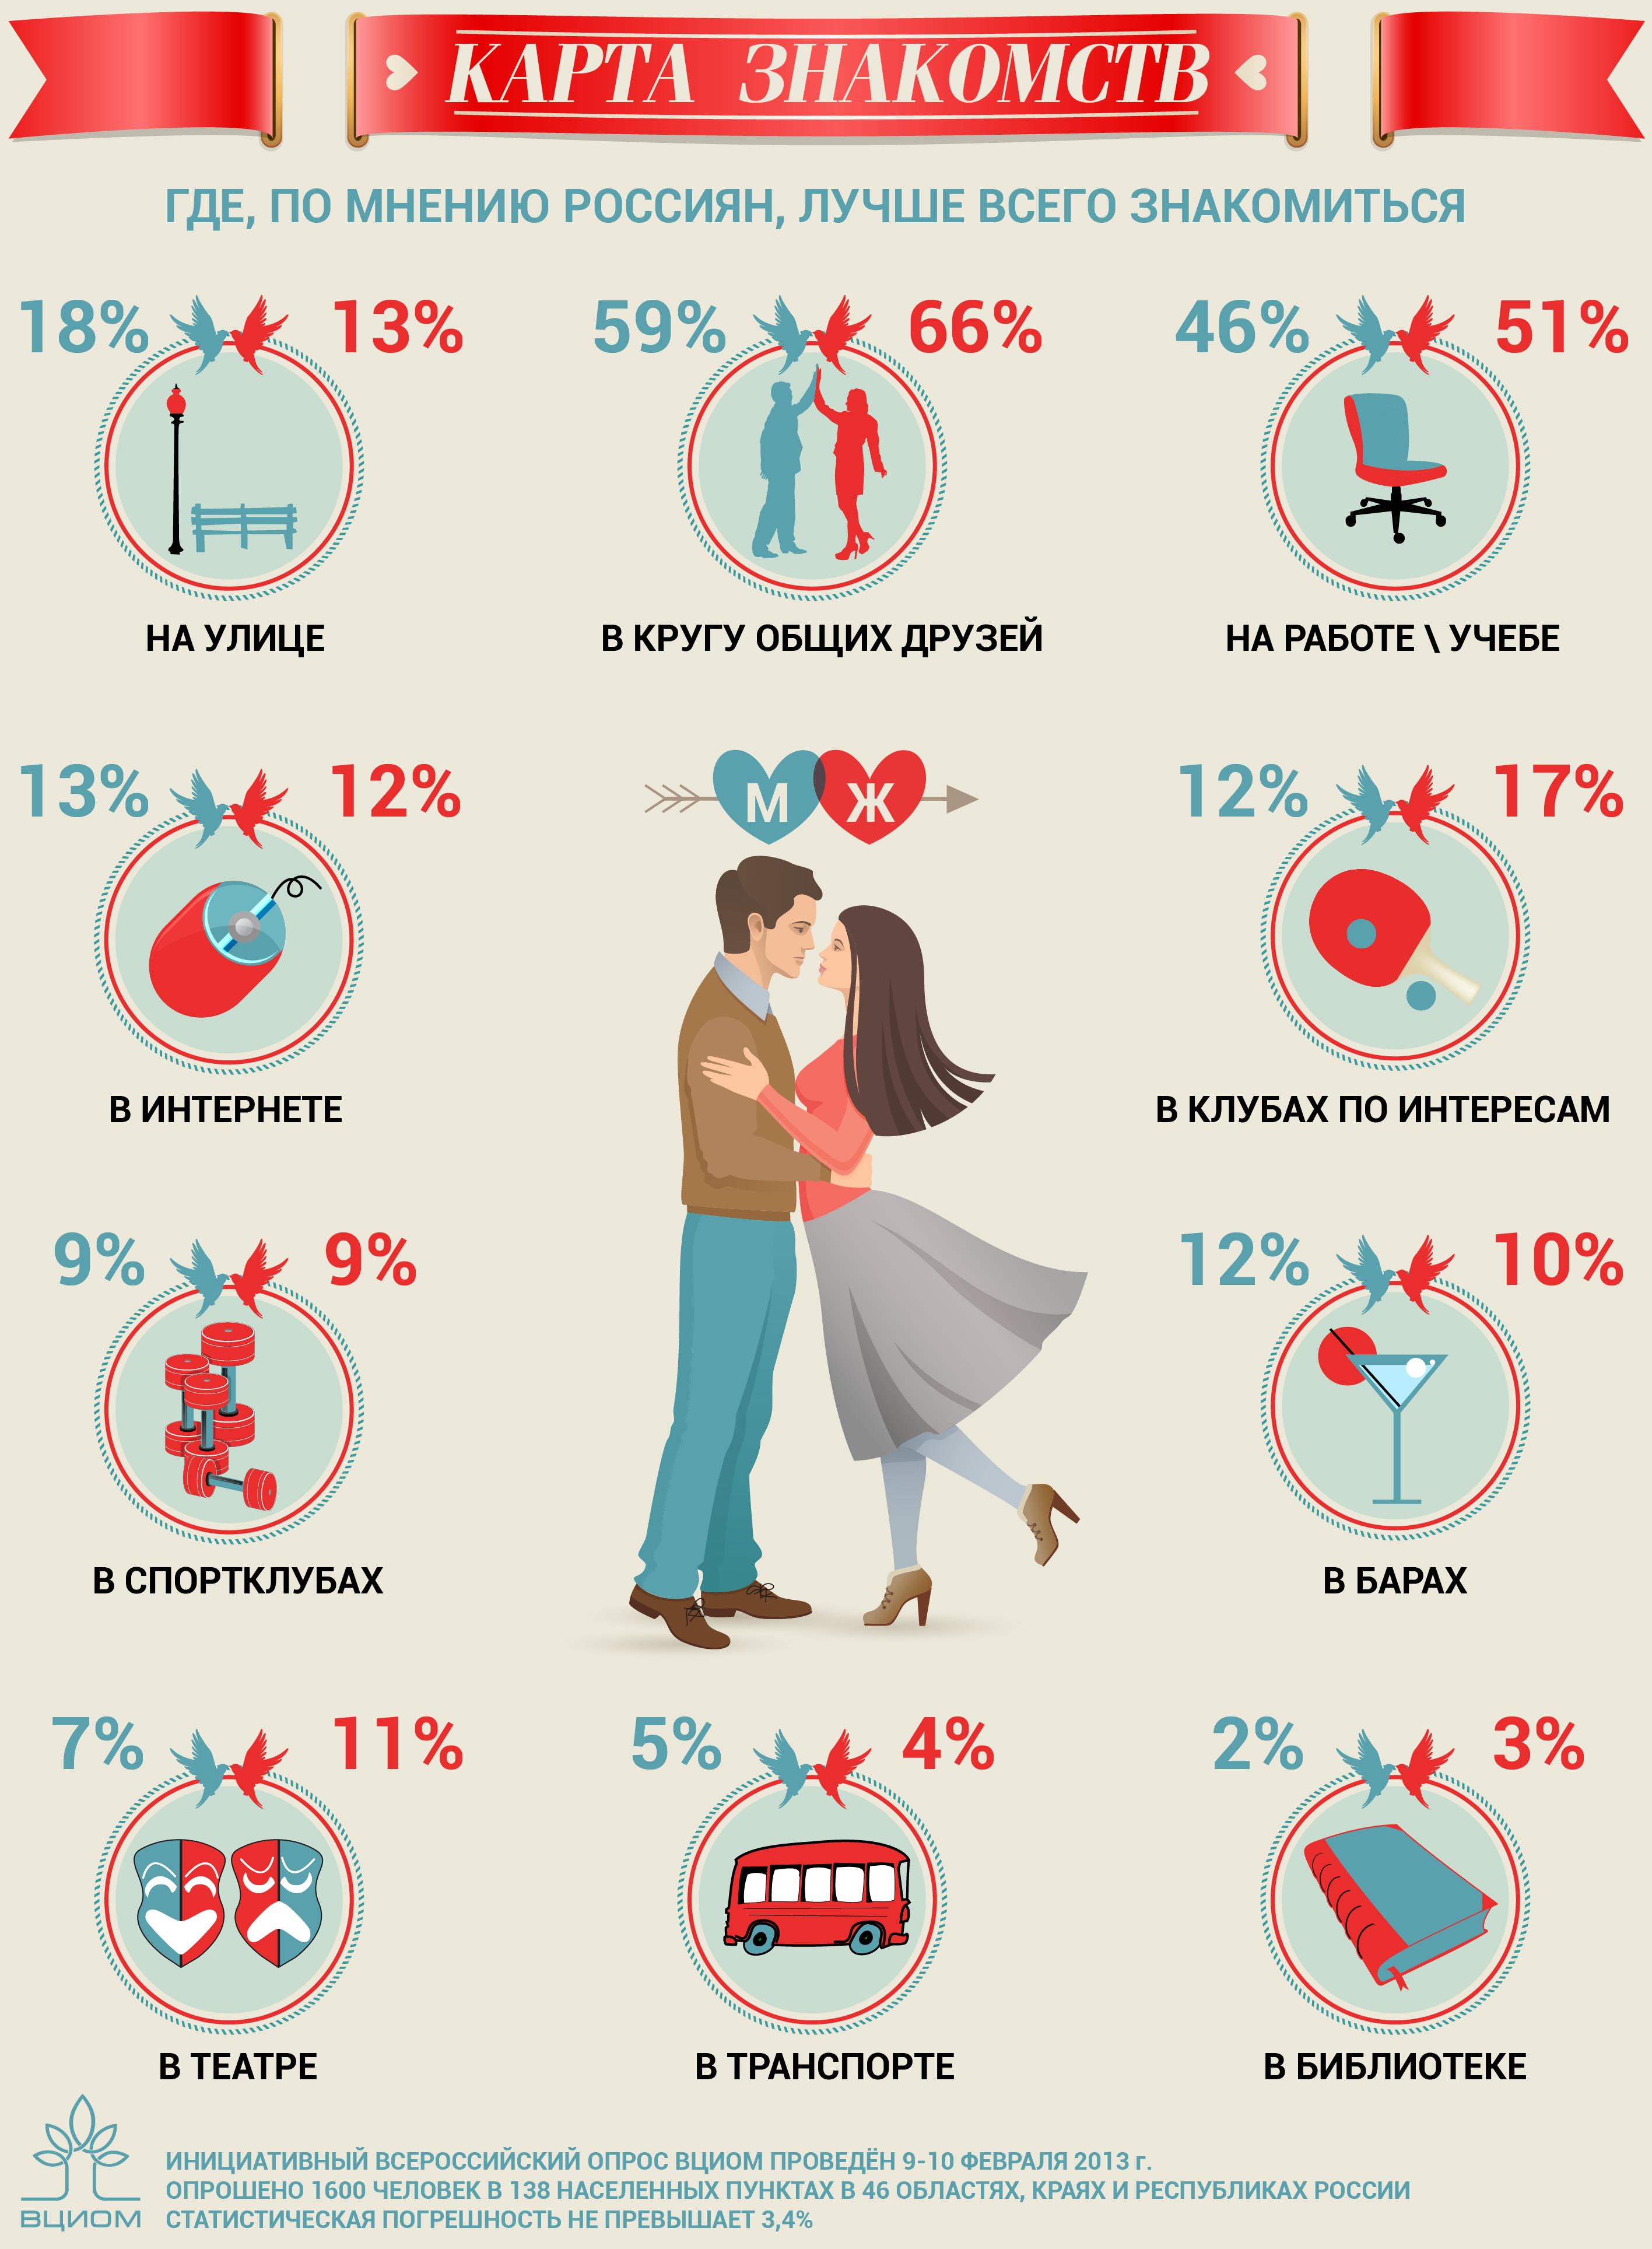 Карта знакомств